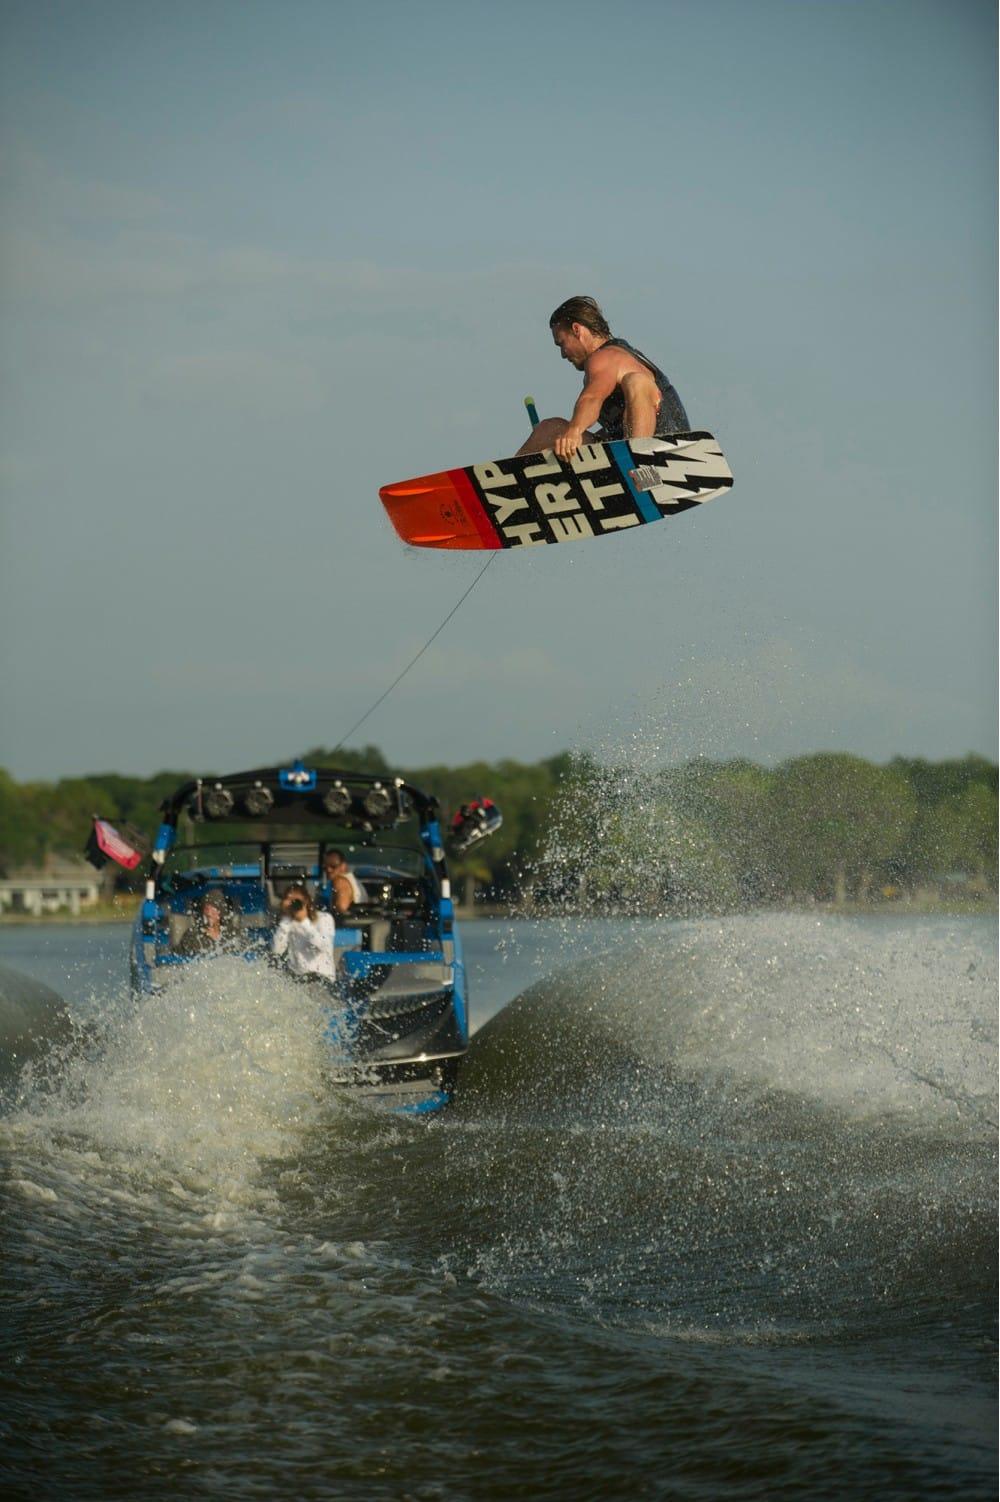 Equipo wakeboard de JD Webb 2